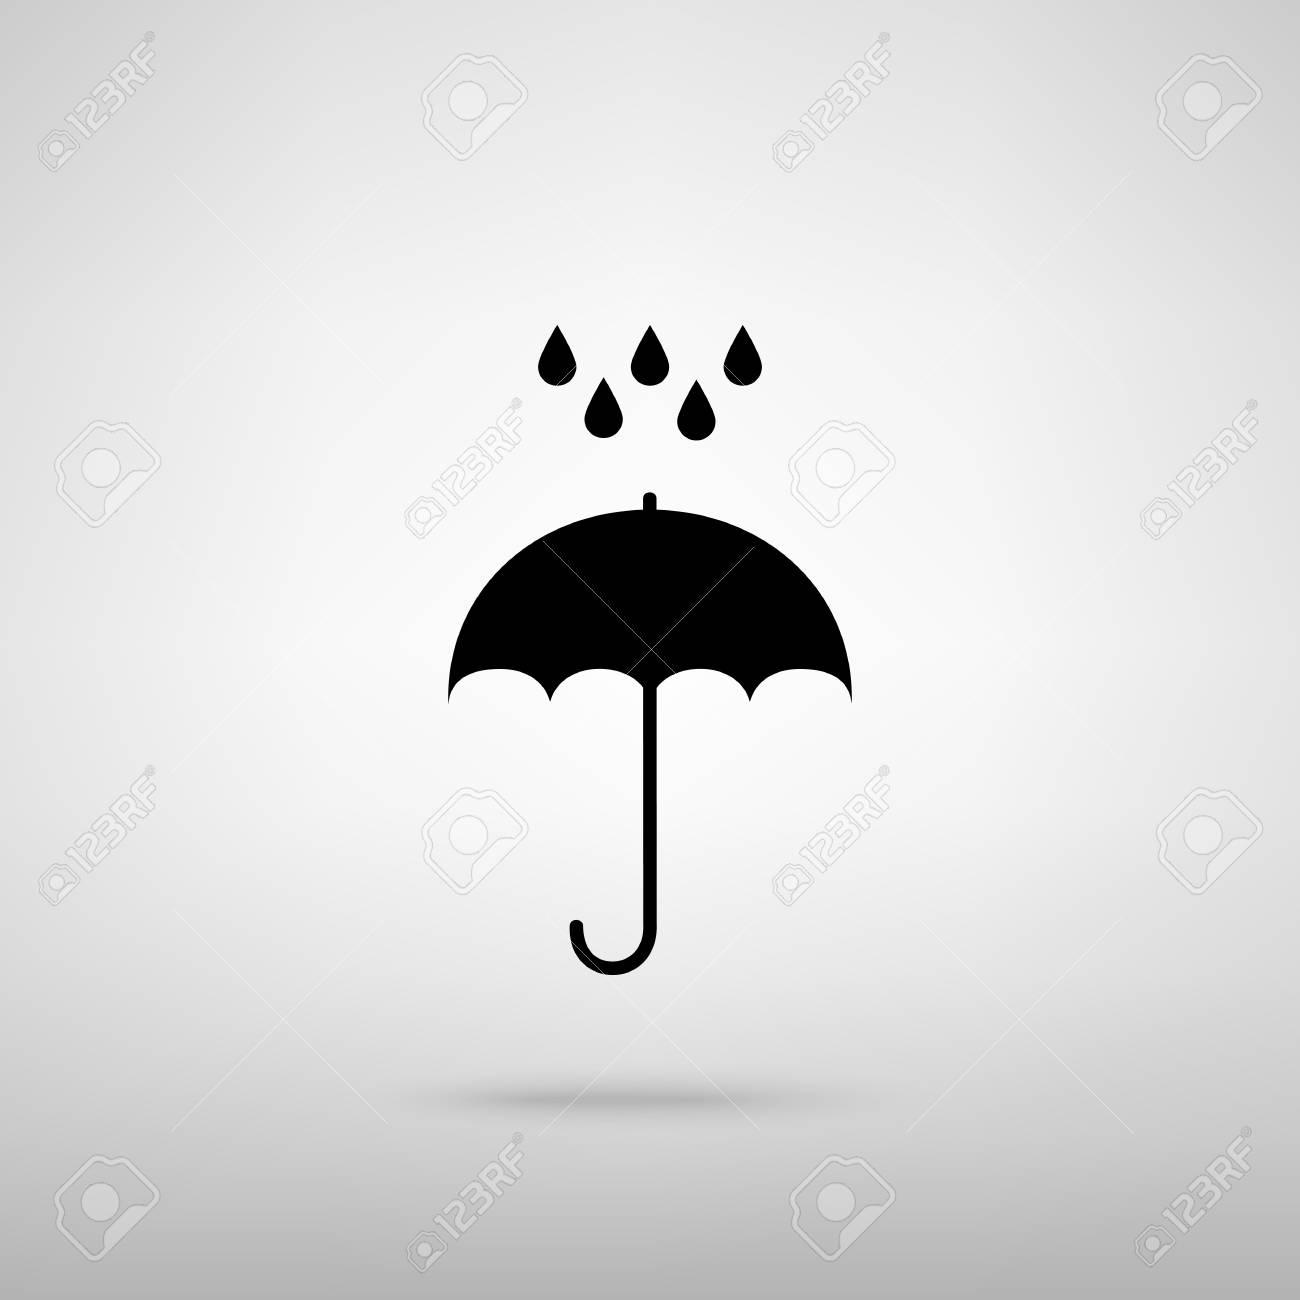 Paraguas Con Gotas De Agua Símbolo De Protección De Lluvia Estilo De Diseño Plano Negro Con Sombra En Gris Ilustraciones Vectoriales Clip Art Vectorizado Libre De Derechos Image 56606780